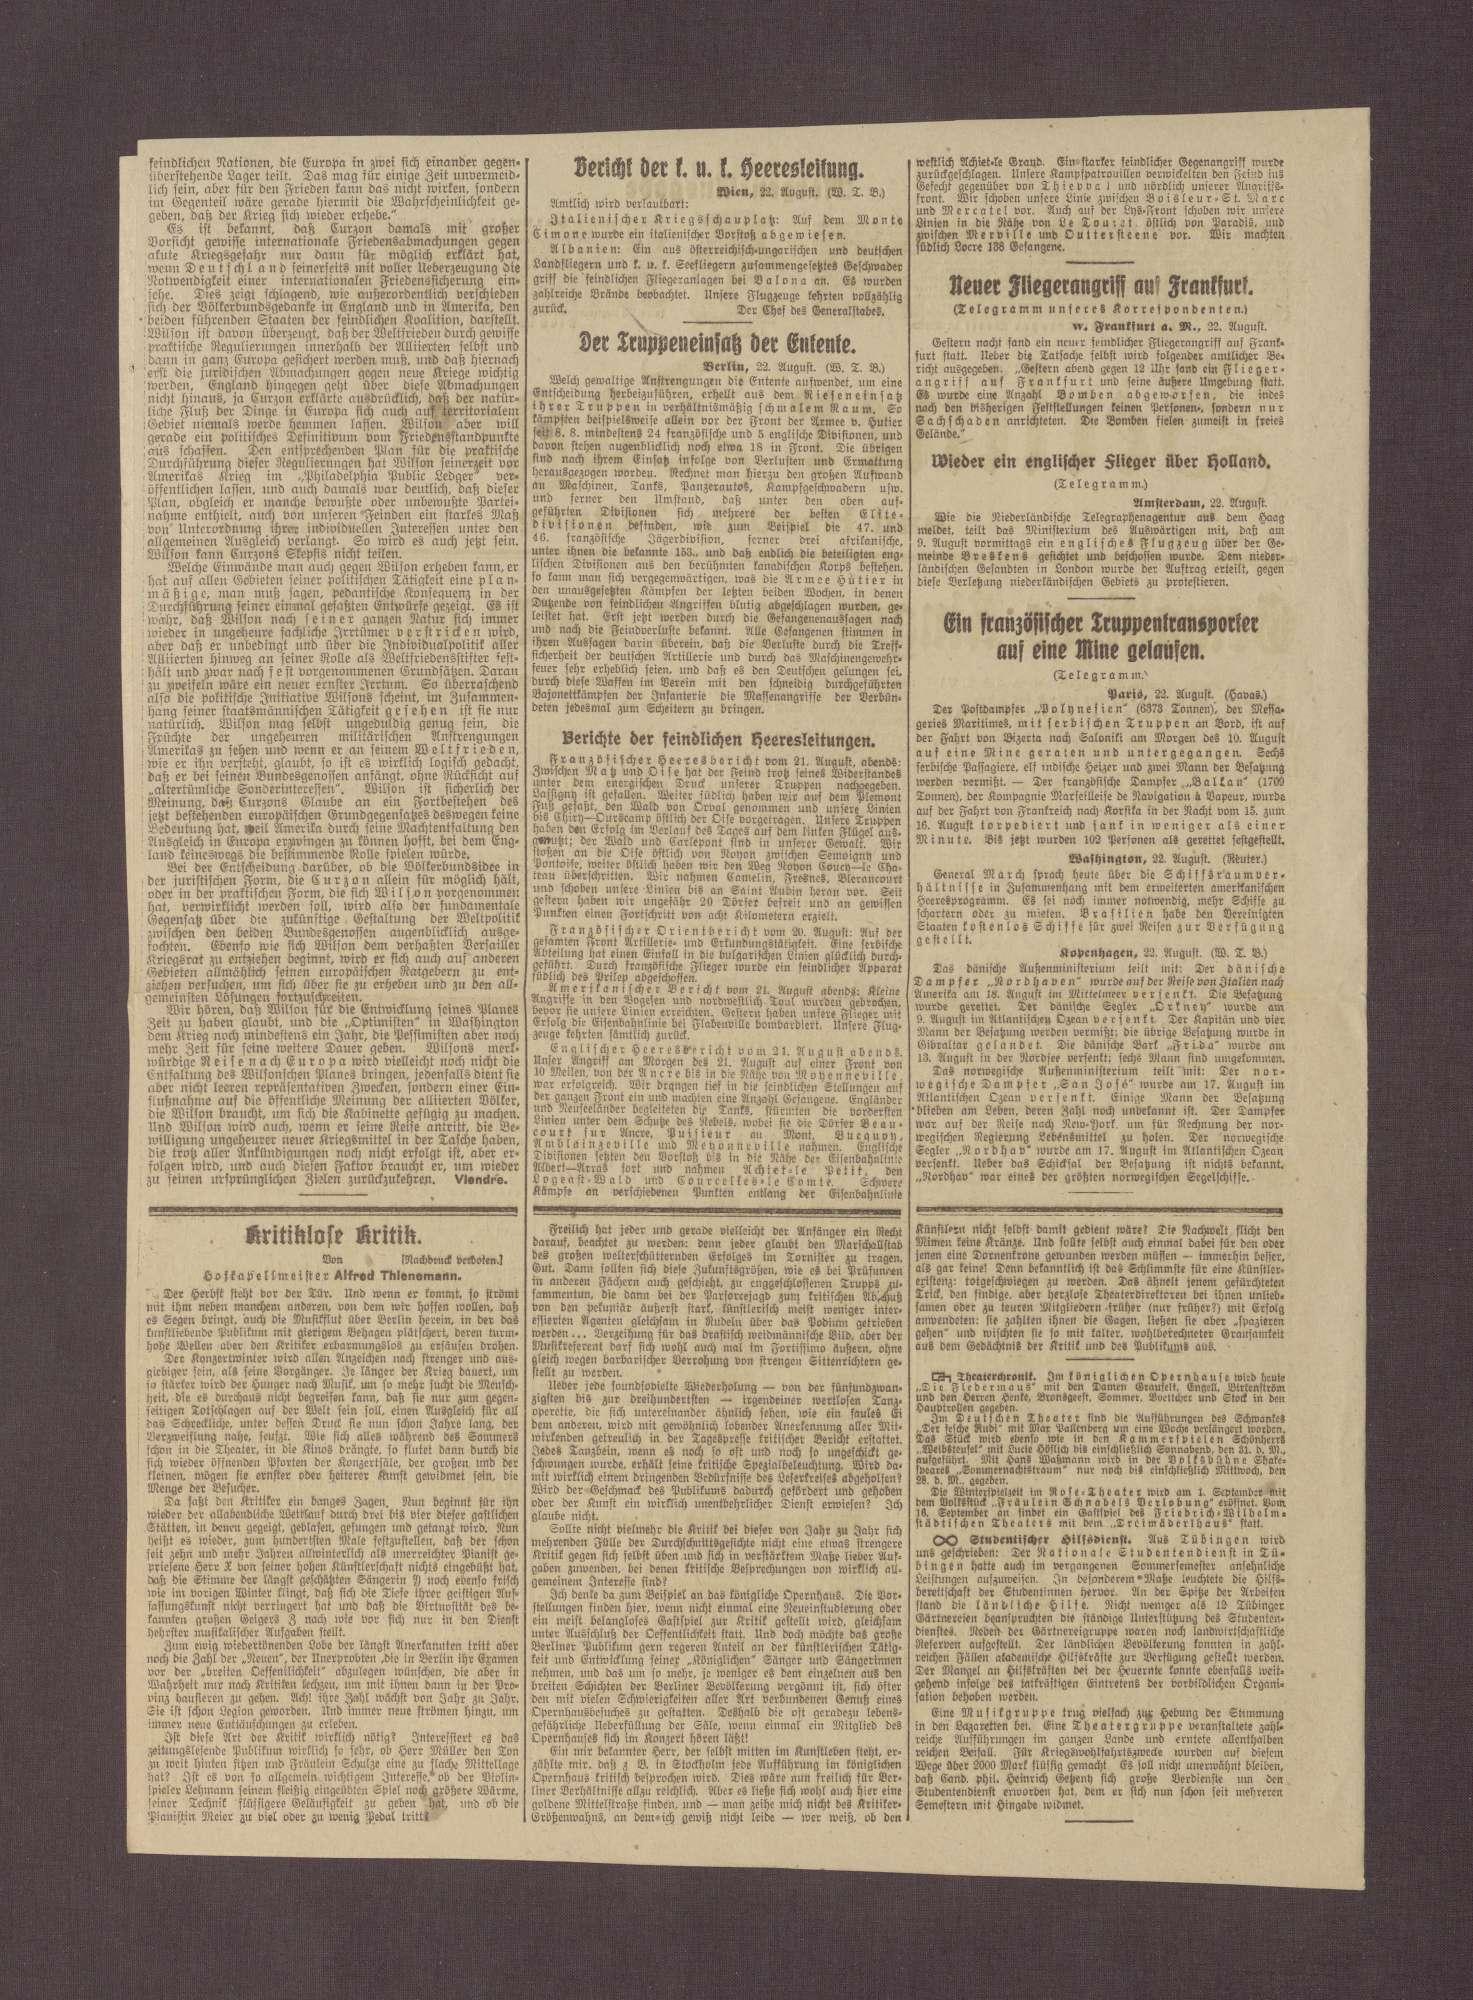 """Artikel in dem Berliner Tageblatt: """"Prinz Max von Baden über die Zusammenarbeit der Völker"""", Bild 2"""